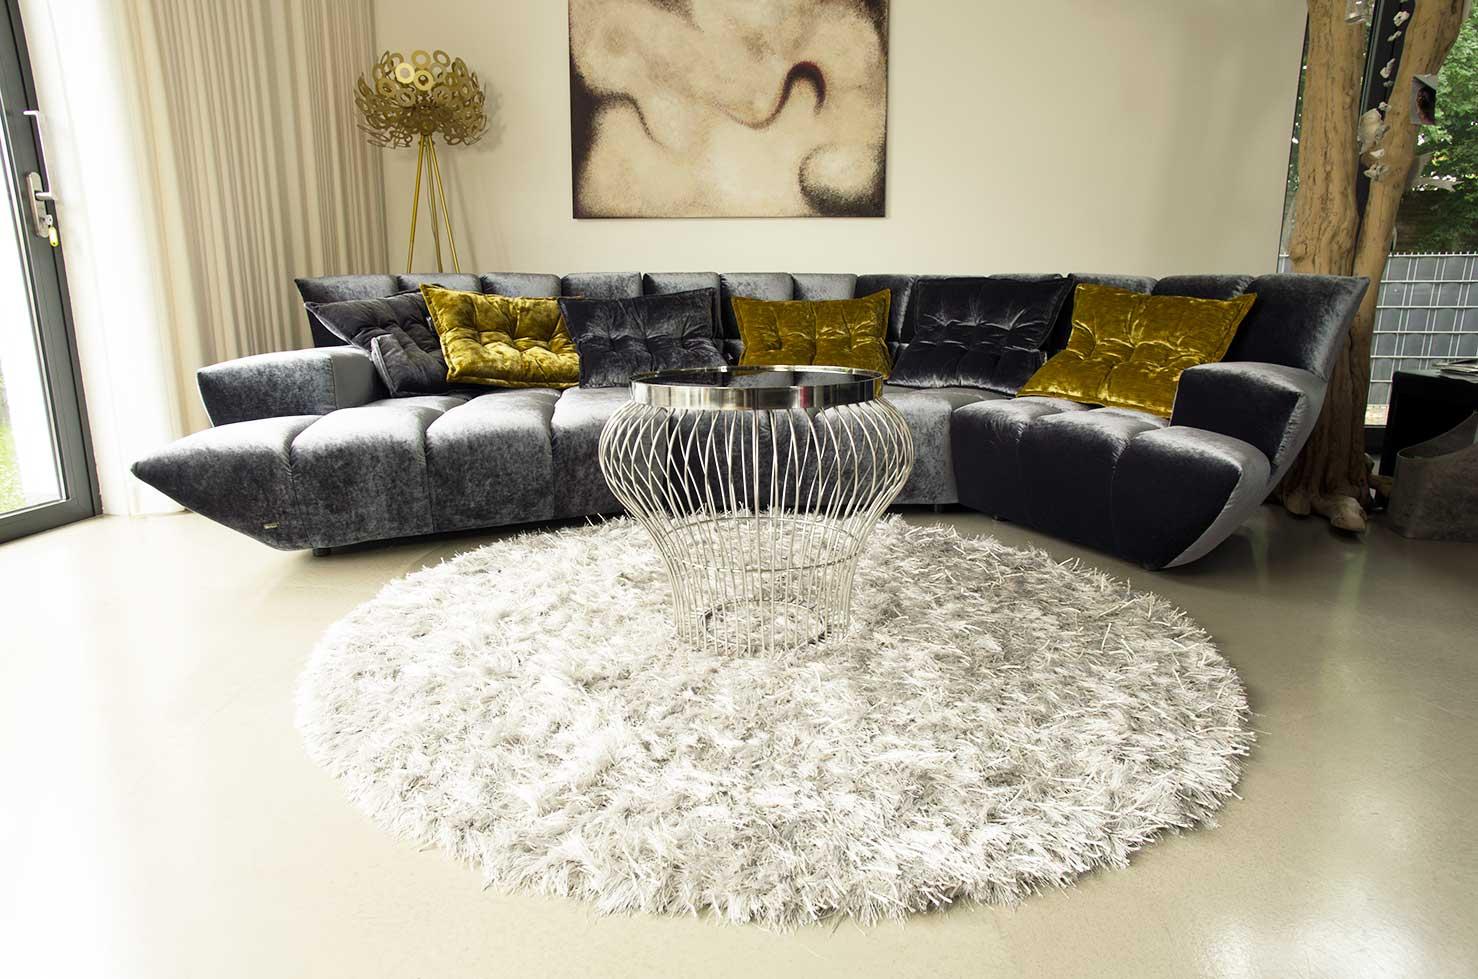 bauhaus couchtisch mit schwarzer glasplatte neuerraum. Black Bedroom Furniture Sets. Home Design Ideas